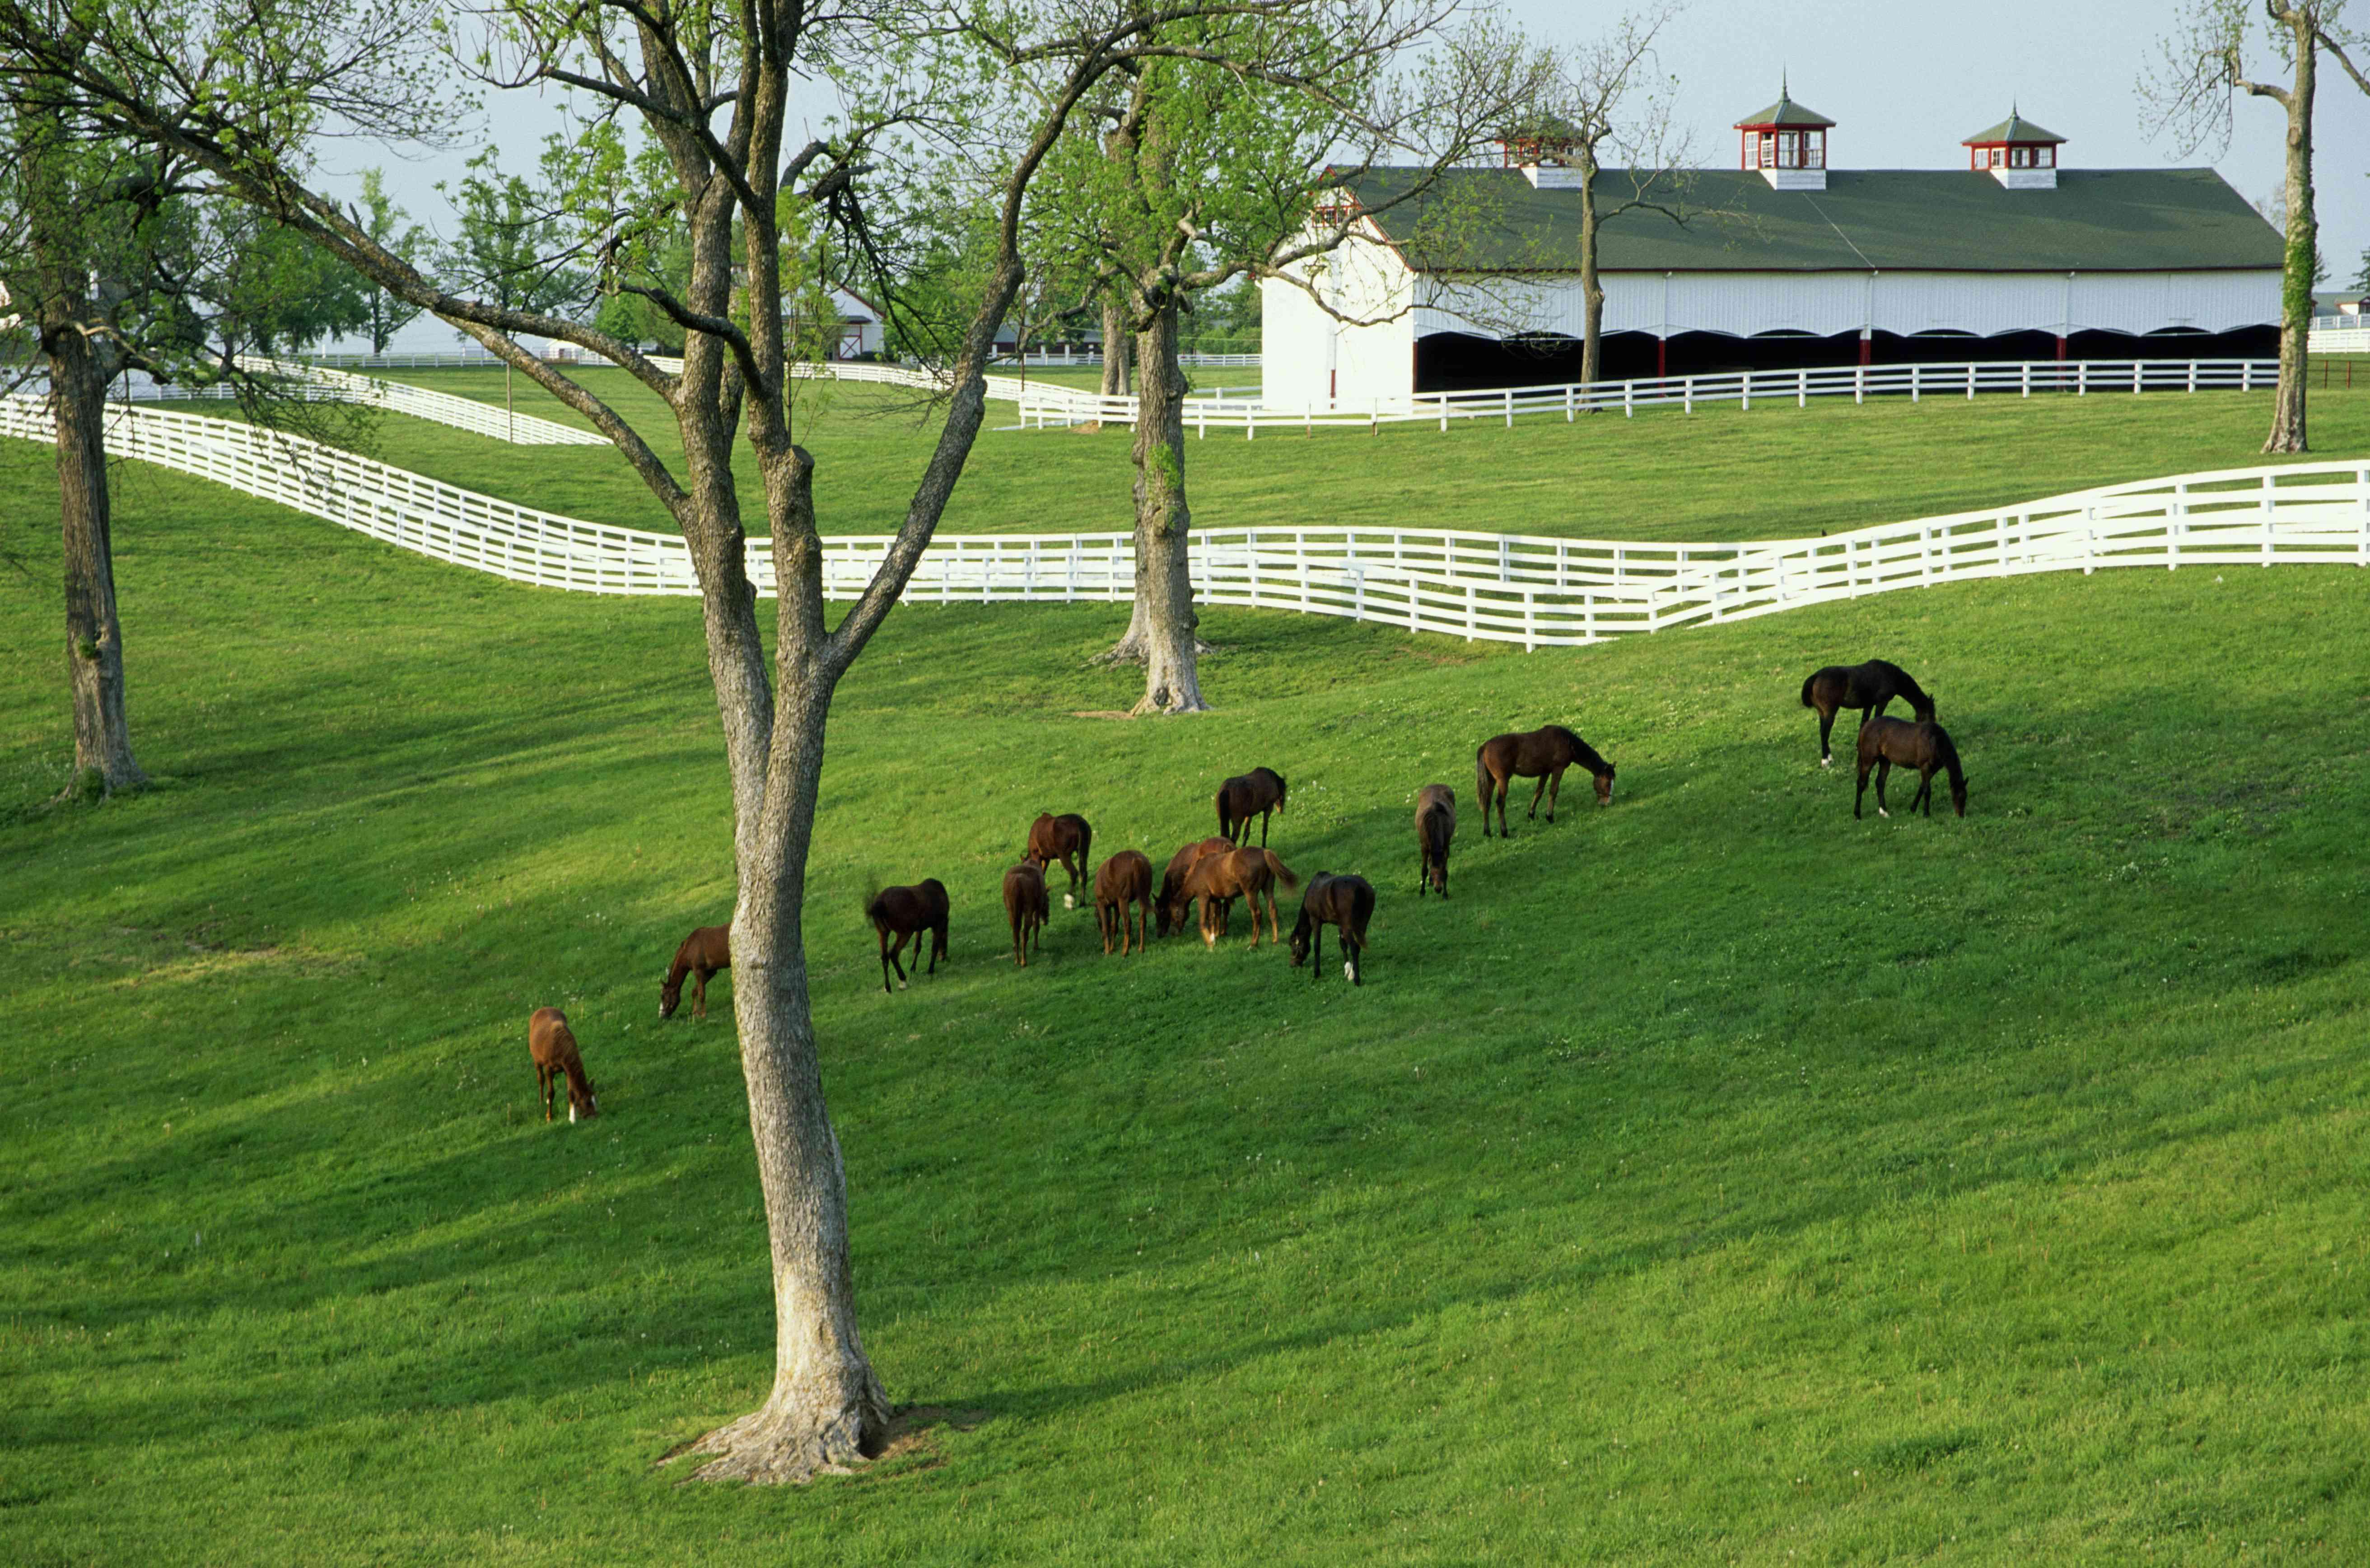 USA, Kentucky, horse farm